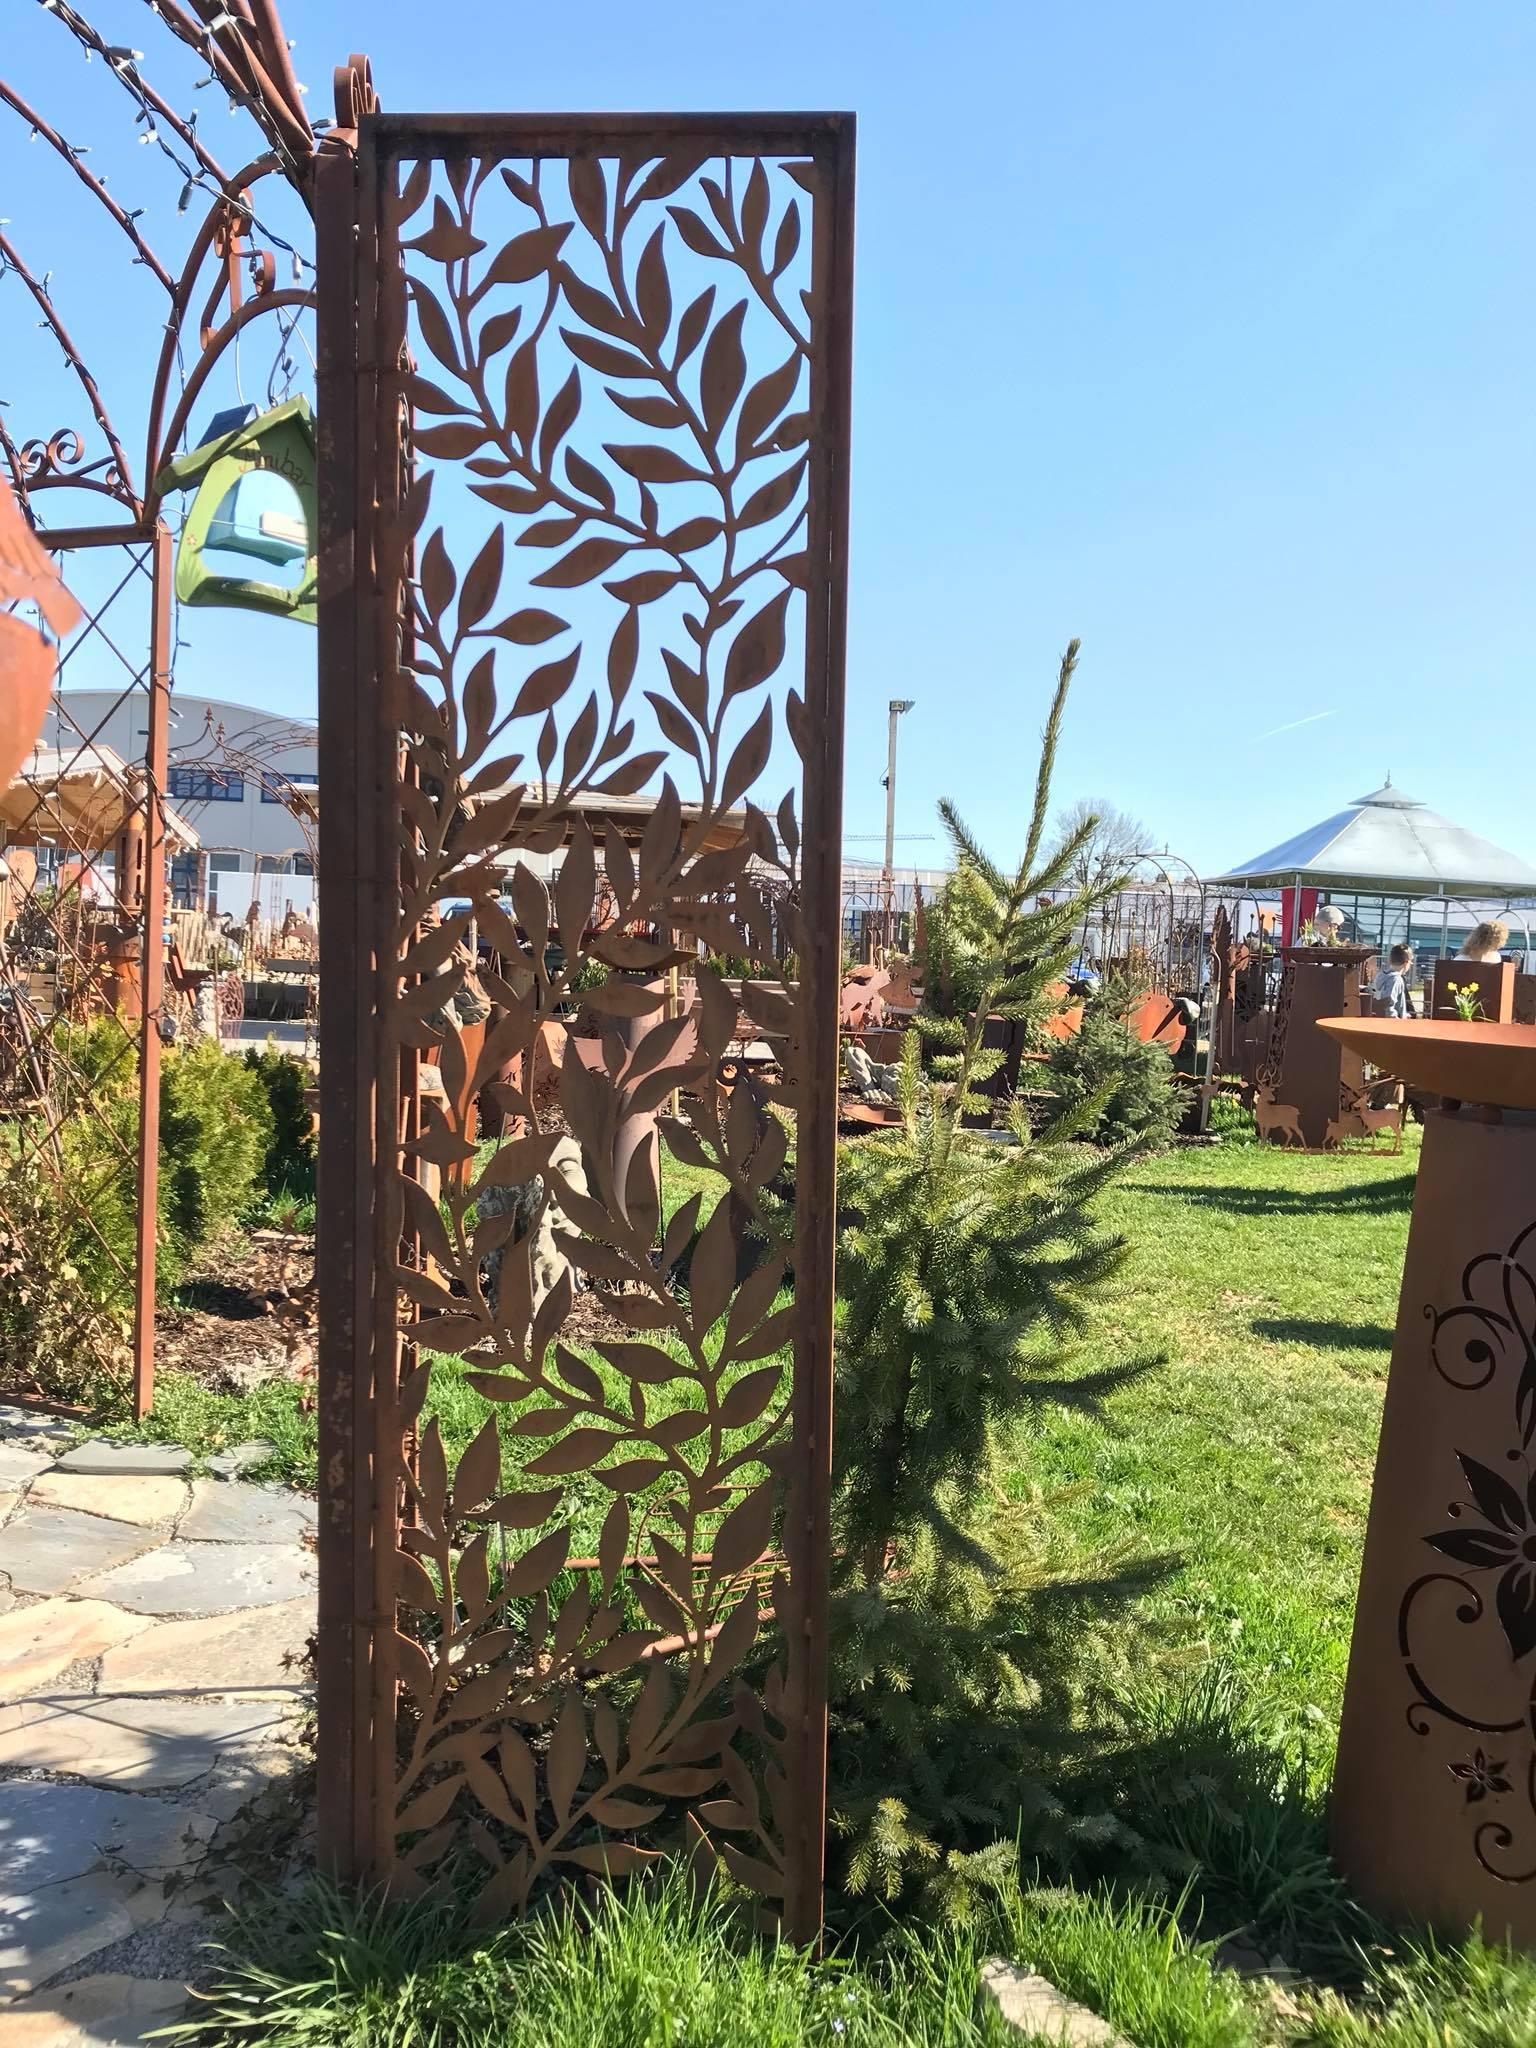 Full Size of Sichtschutz Garten Metall Holz Trennwand Obi Wpc Bauhaus Glas Kaufen Wie Werden Edelrost Paravents Aus Befestigt Ausziehtisch Pavillon Zaun Klapptisch Garten Trennwand Garten